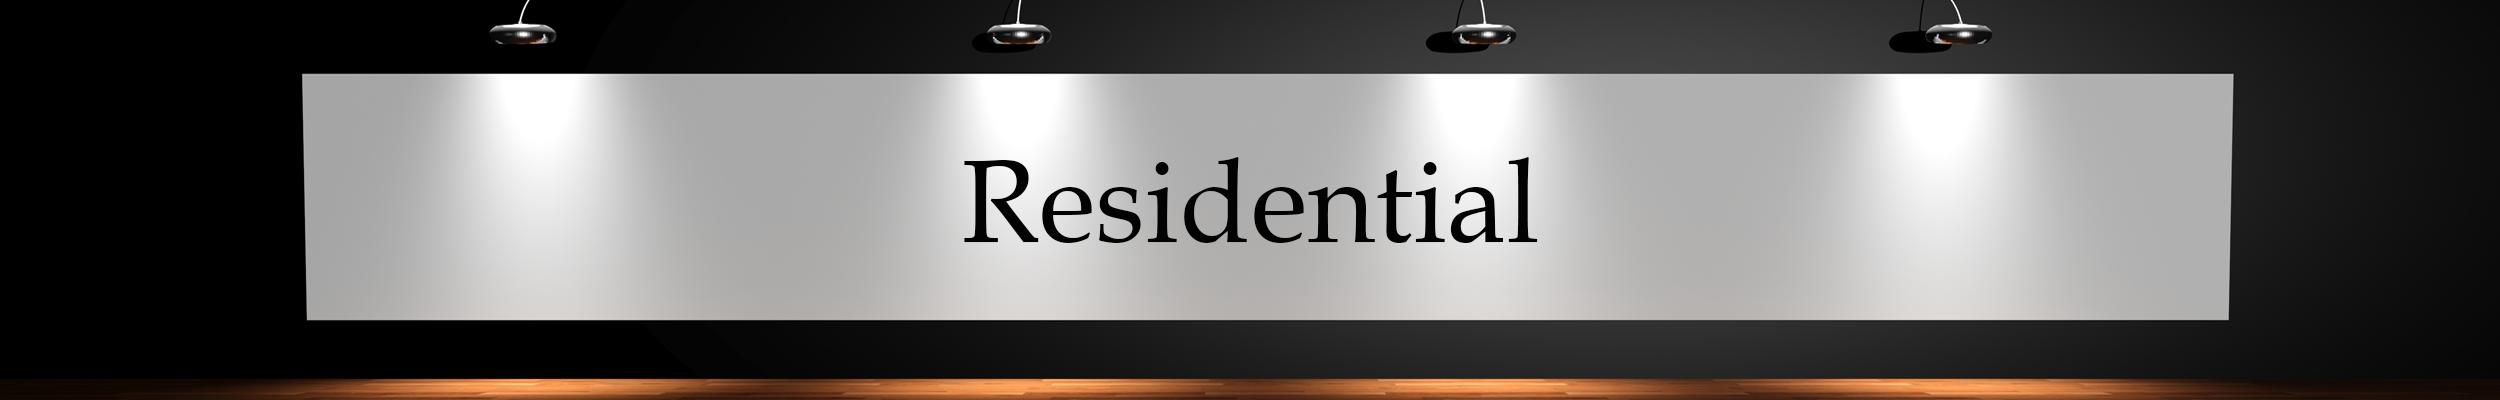 ResidentialSliderFinal